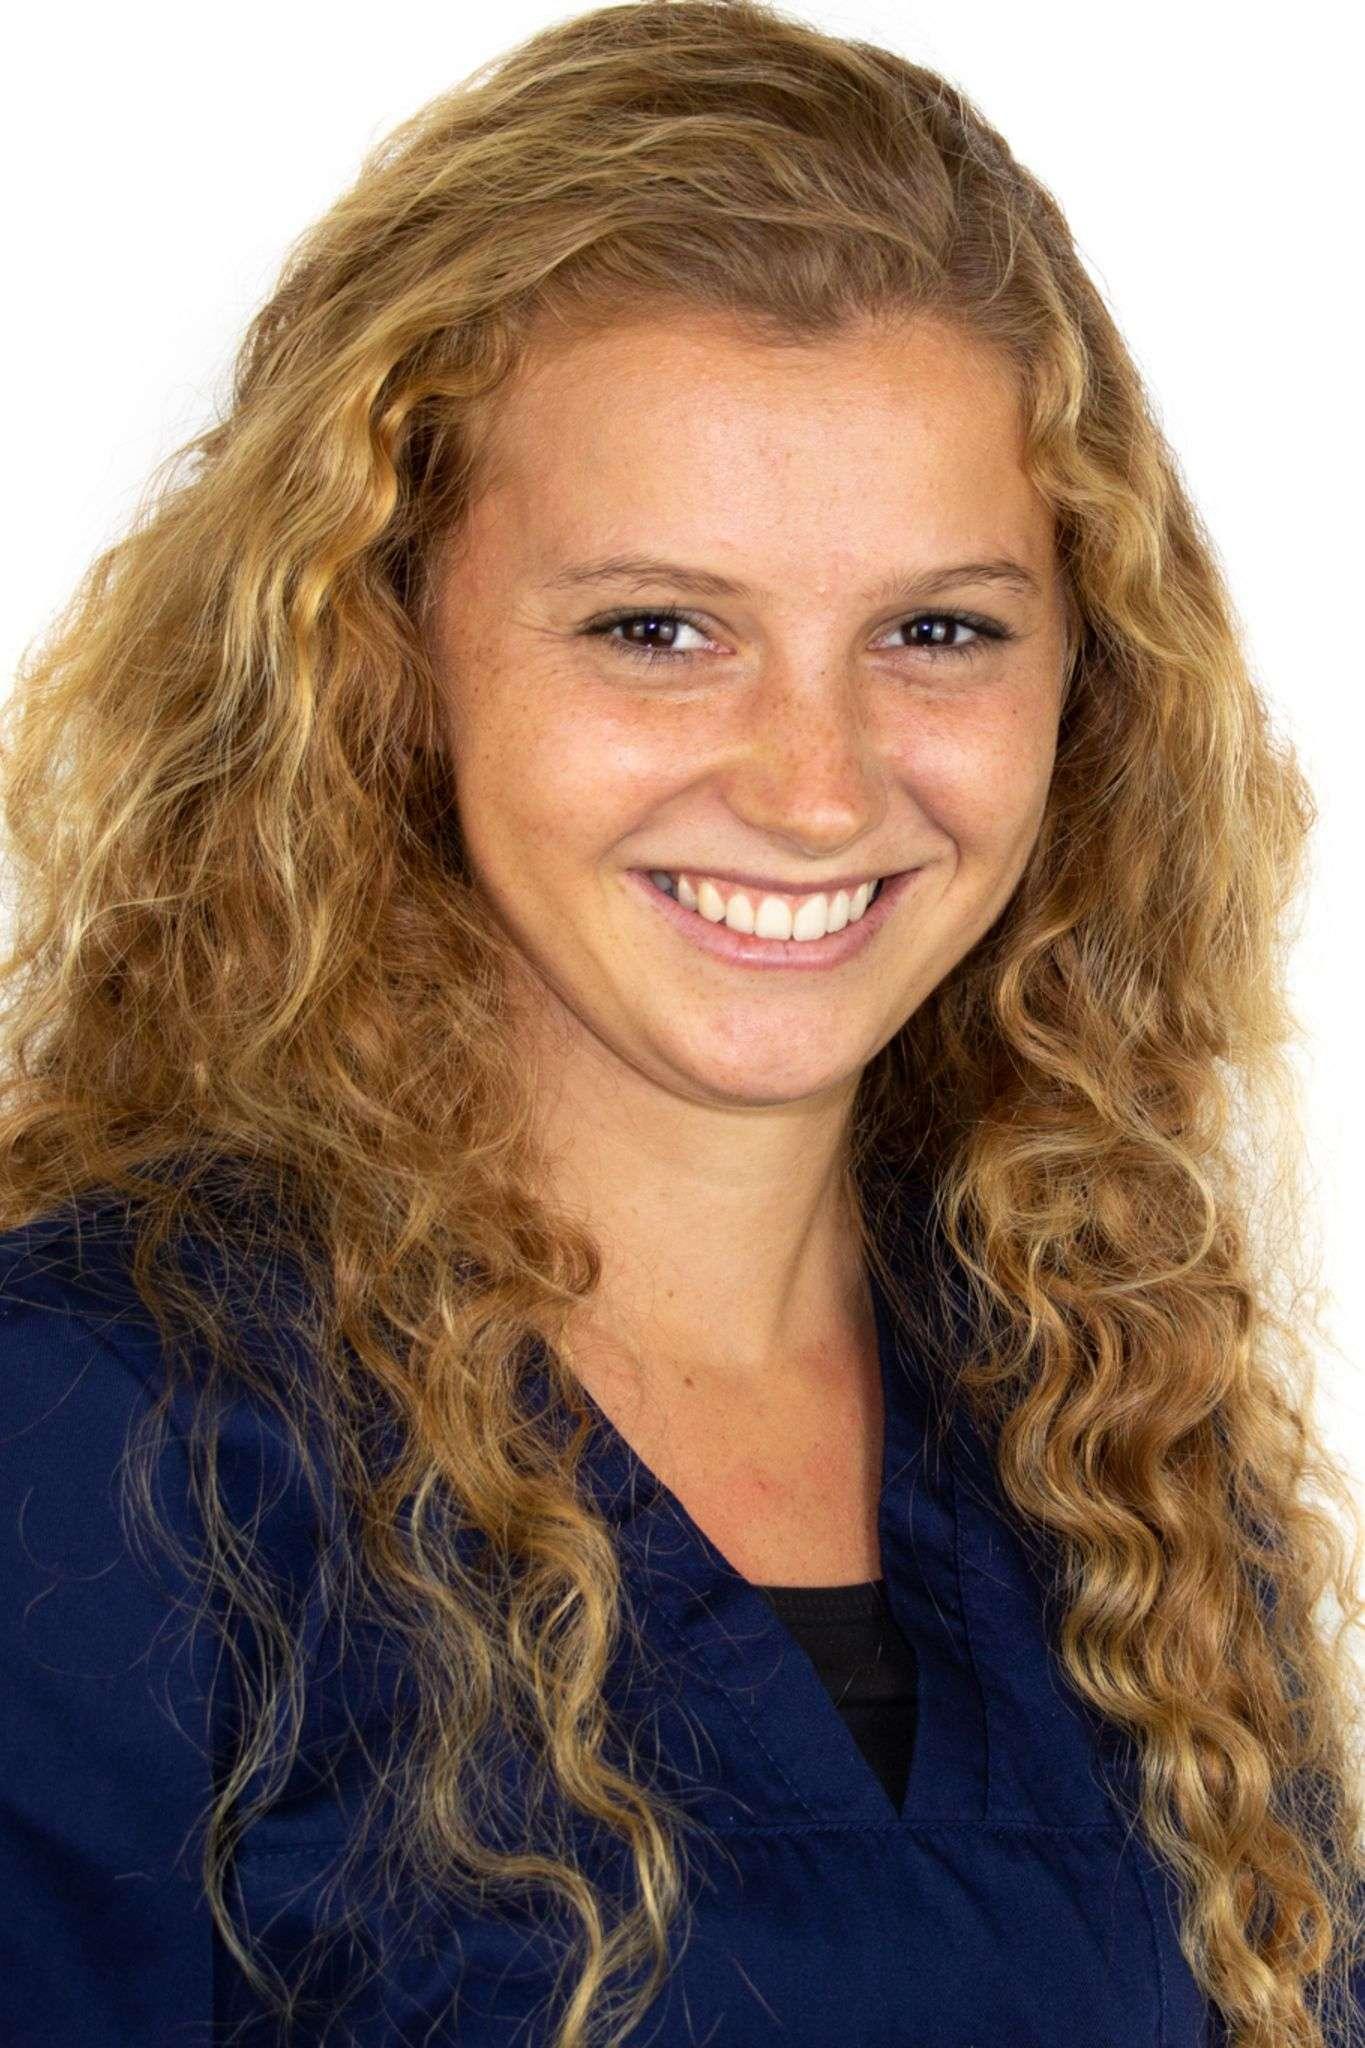 Rebecca Toggweiler